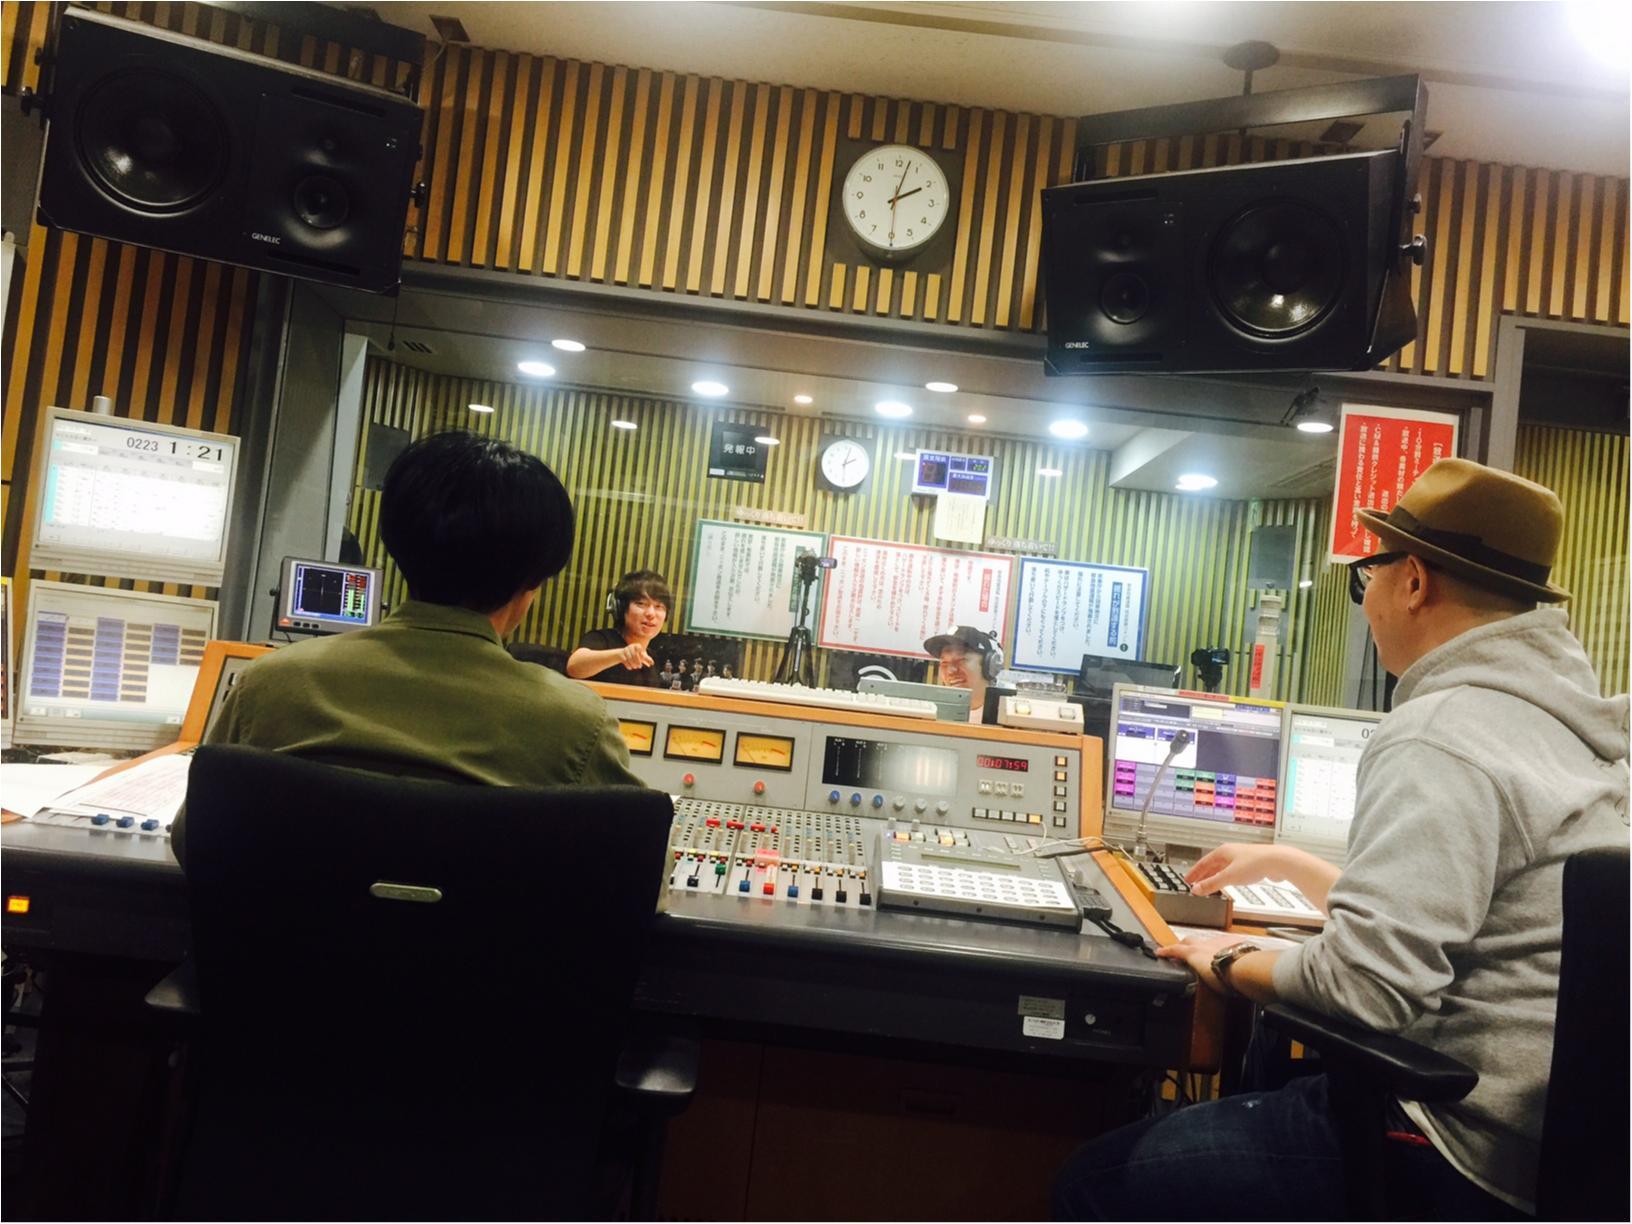 【ウラMORE】ウーマンラッシュ村本さんのラジオの裏側、突撃取材!_3